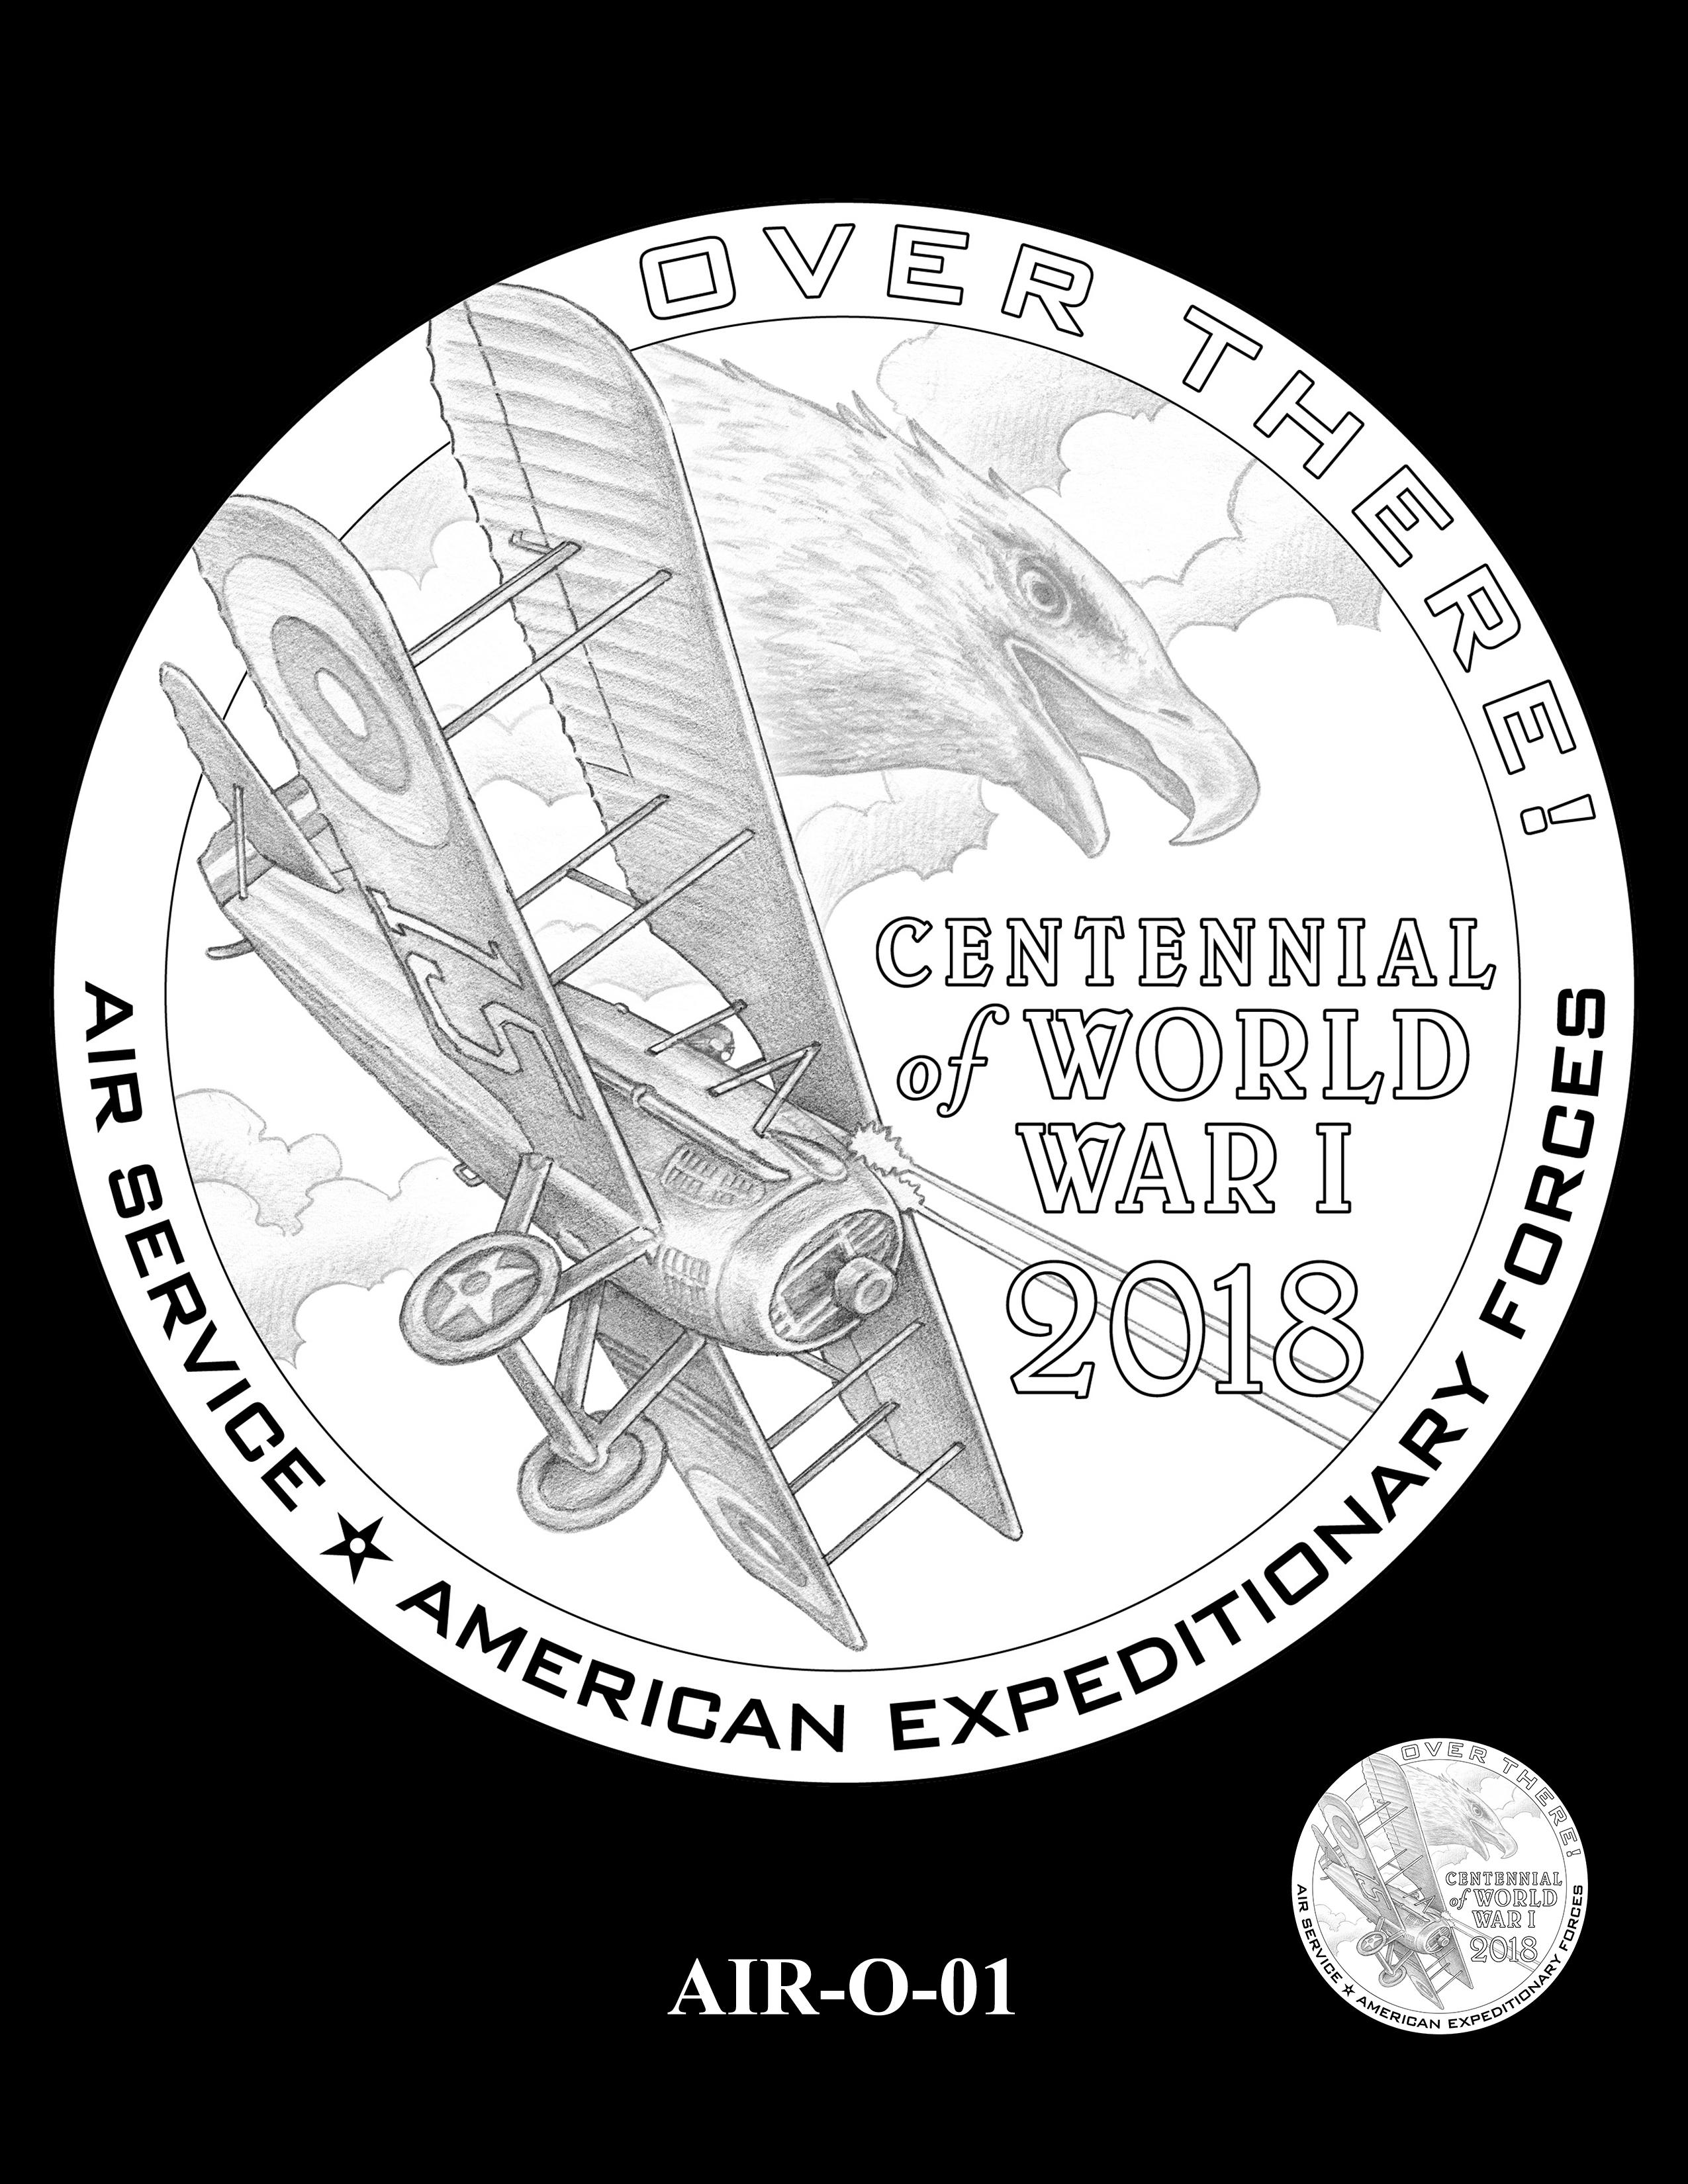 P1-AIR-O-01 -- 2018-World War I Silver Medals - Air Service